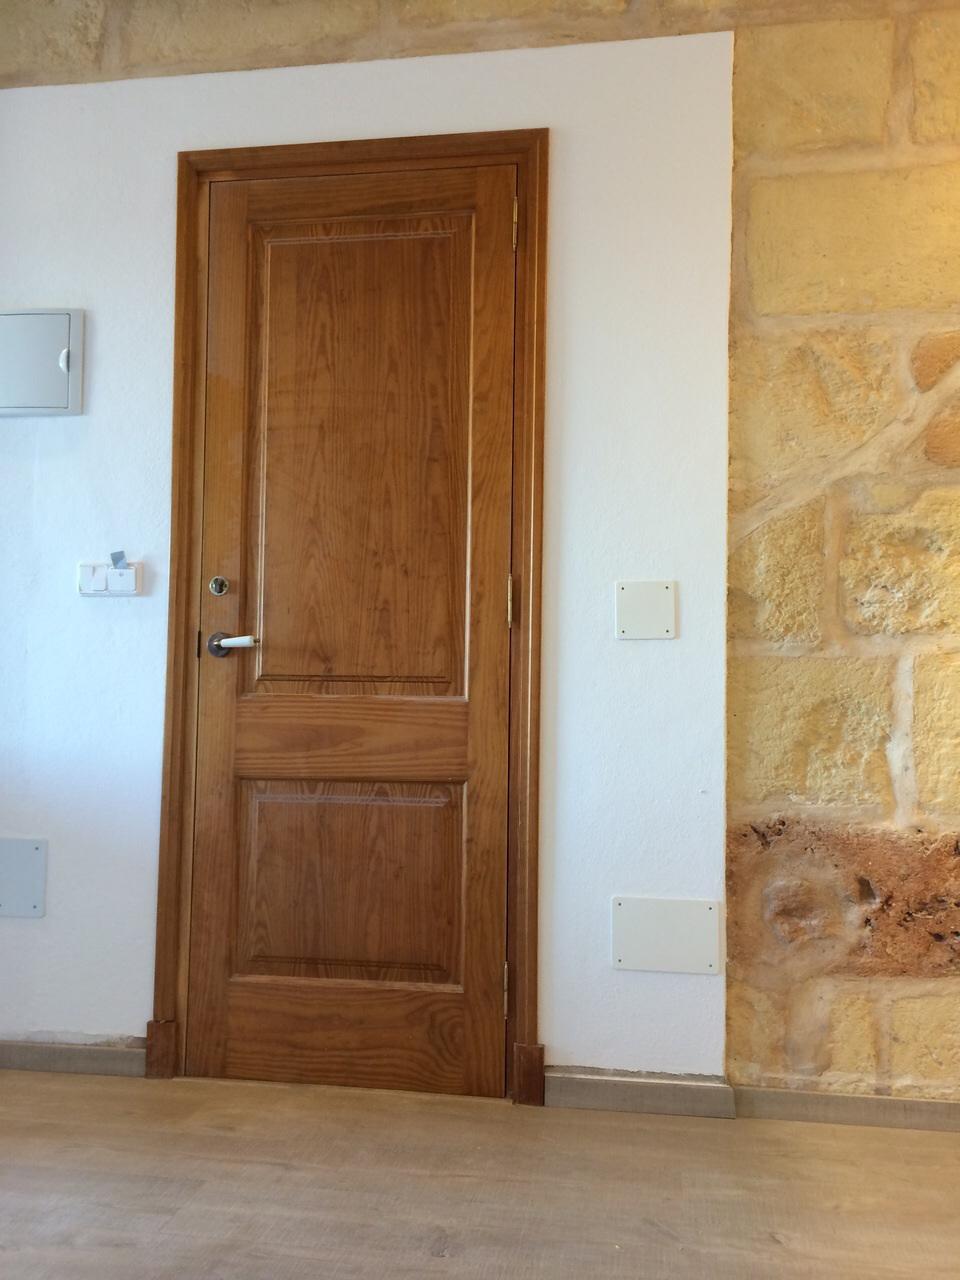 Trabajos cuines pons for Precio puertas interior madera maciza